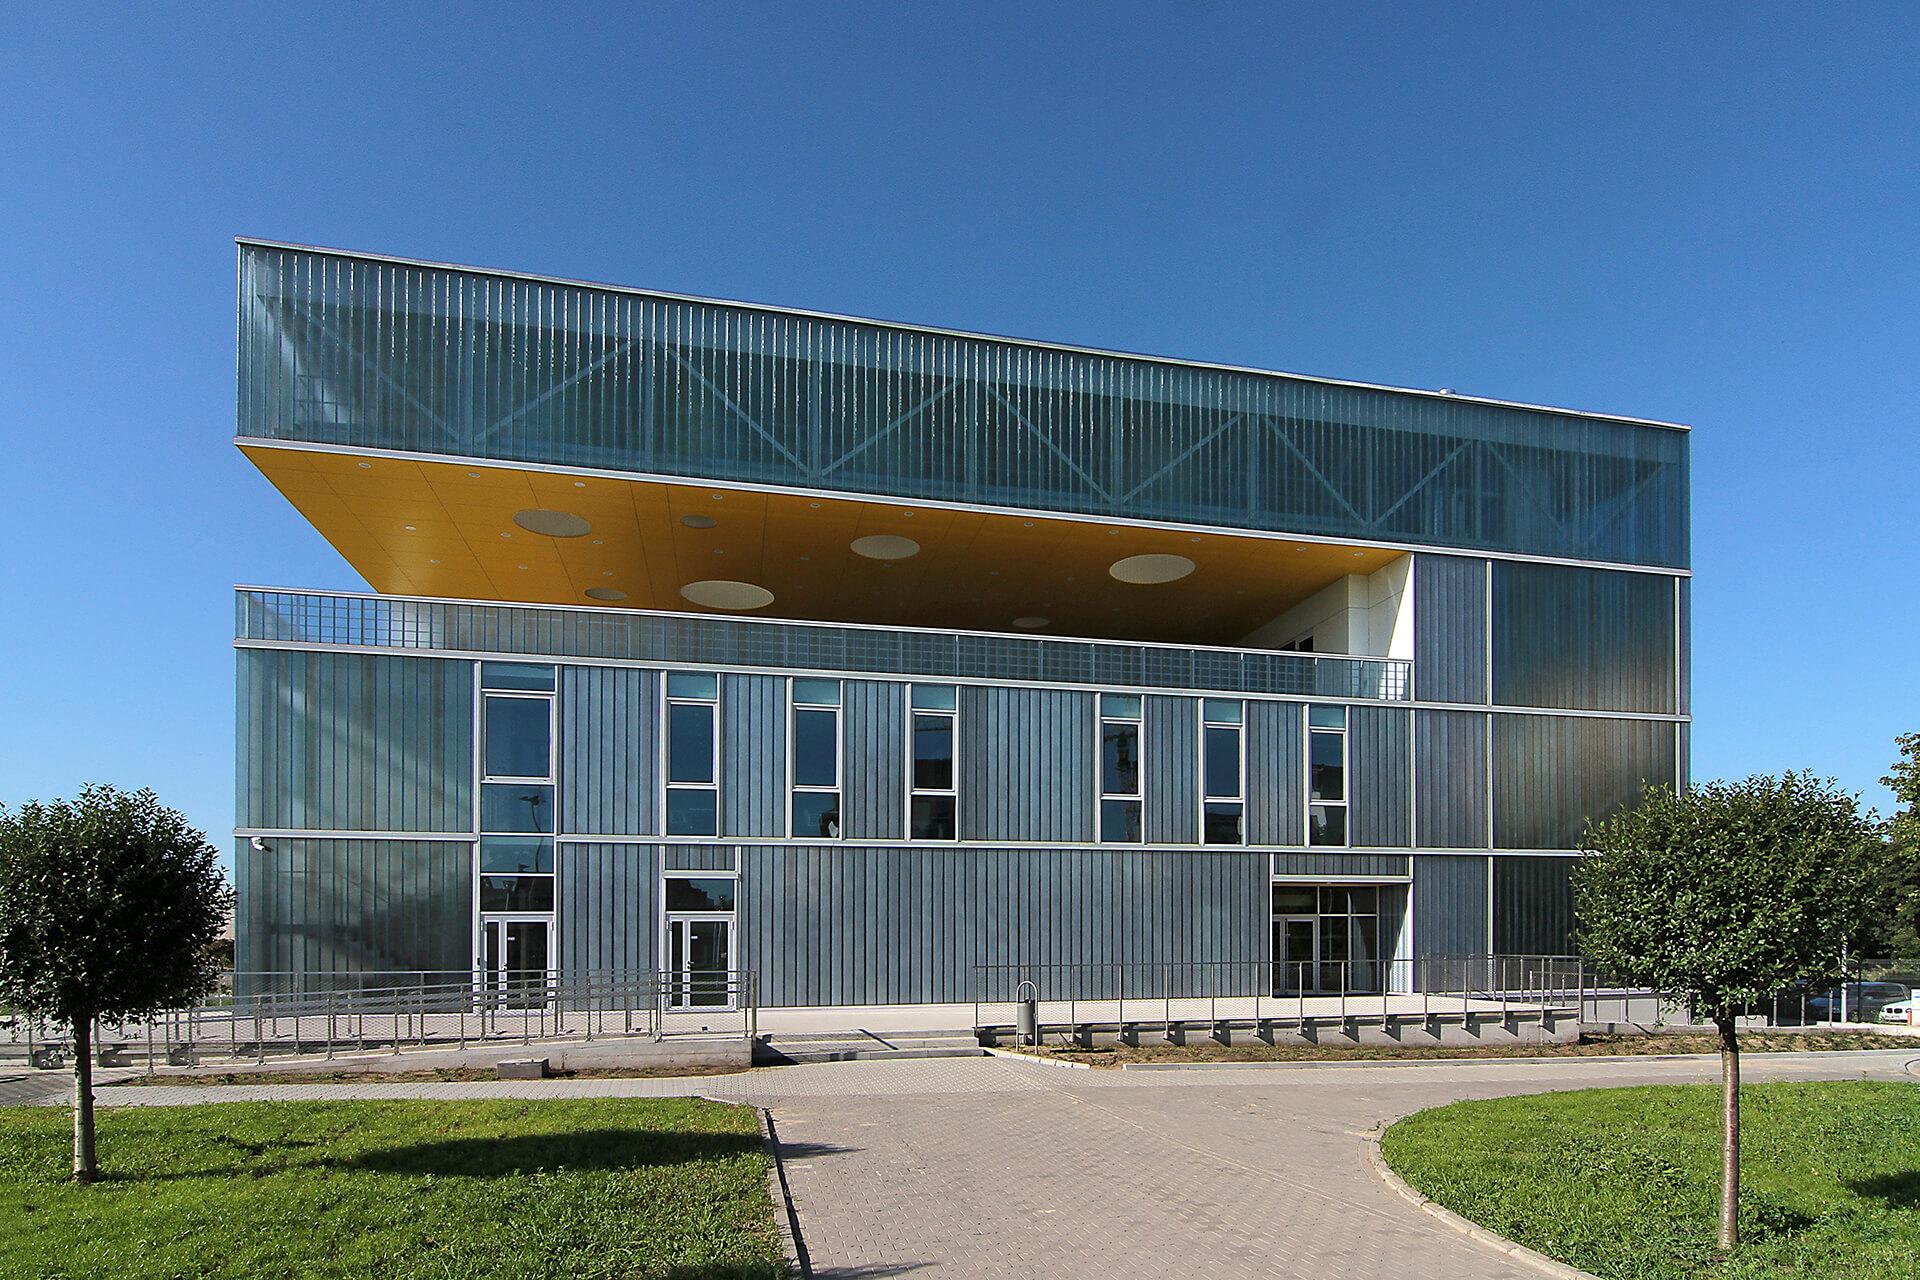 Hala Sportowa AWF Poznań - Pojekt architektów Neostudio